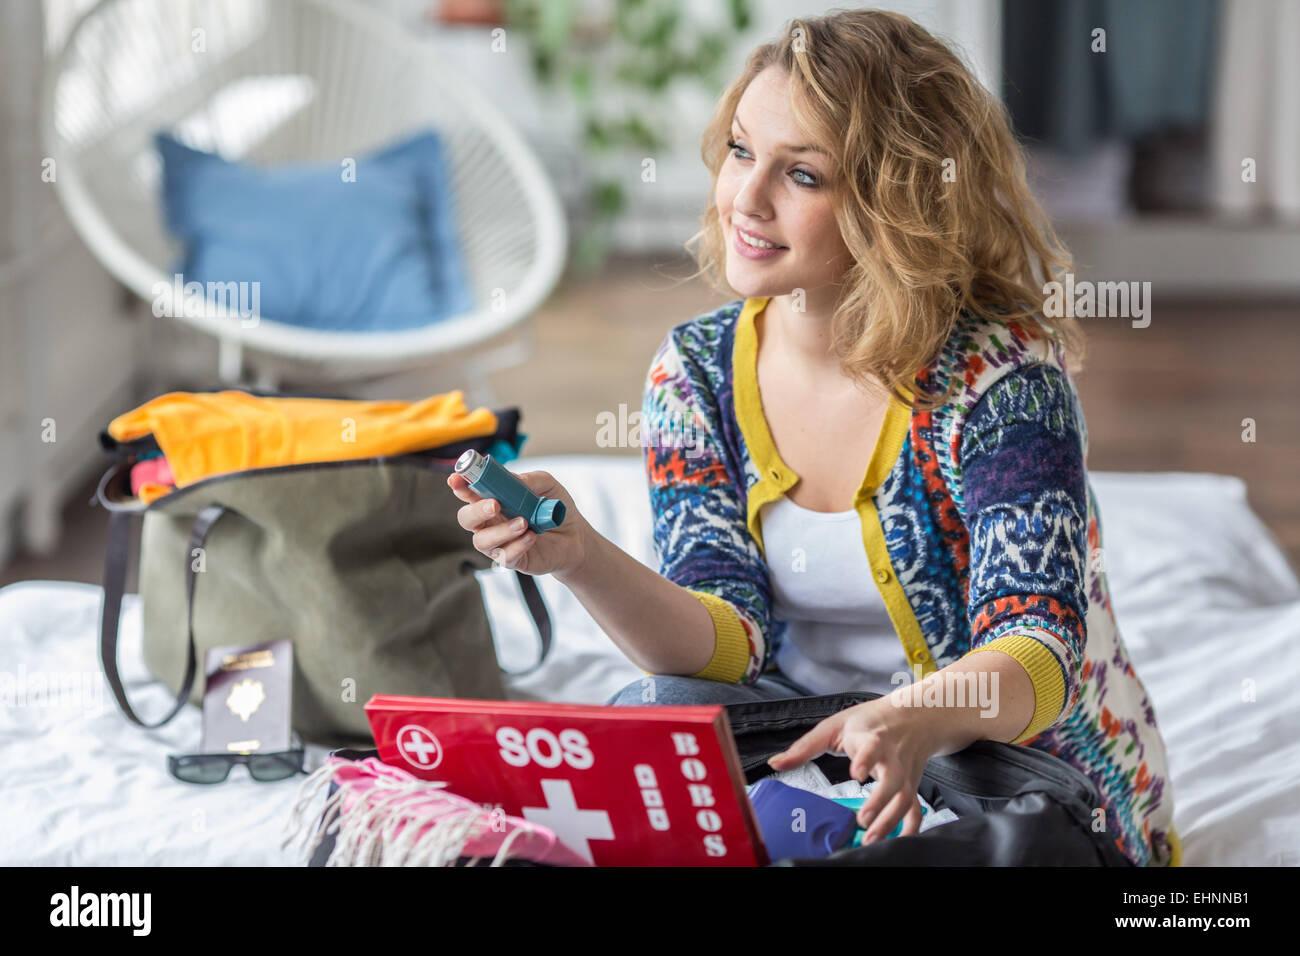 Donna preparare un primo aiuto kit medici compresi il trattamento di asma. Immagini Stock